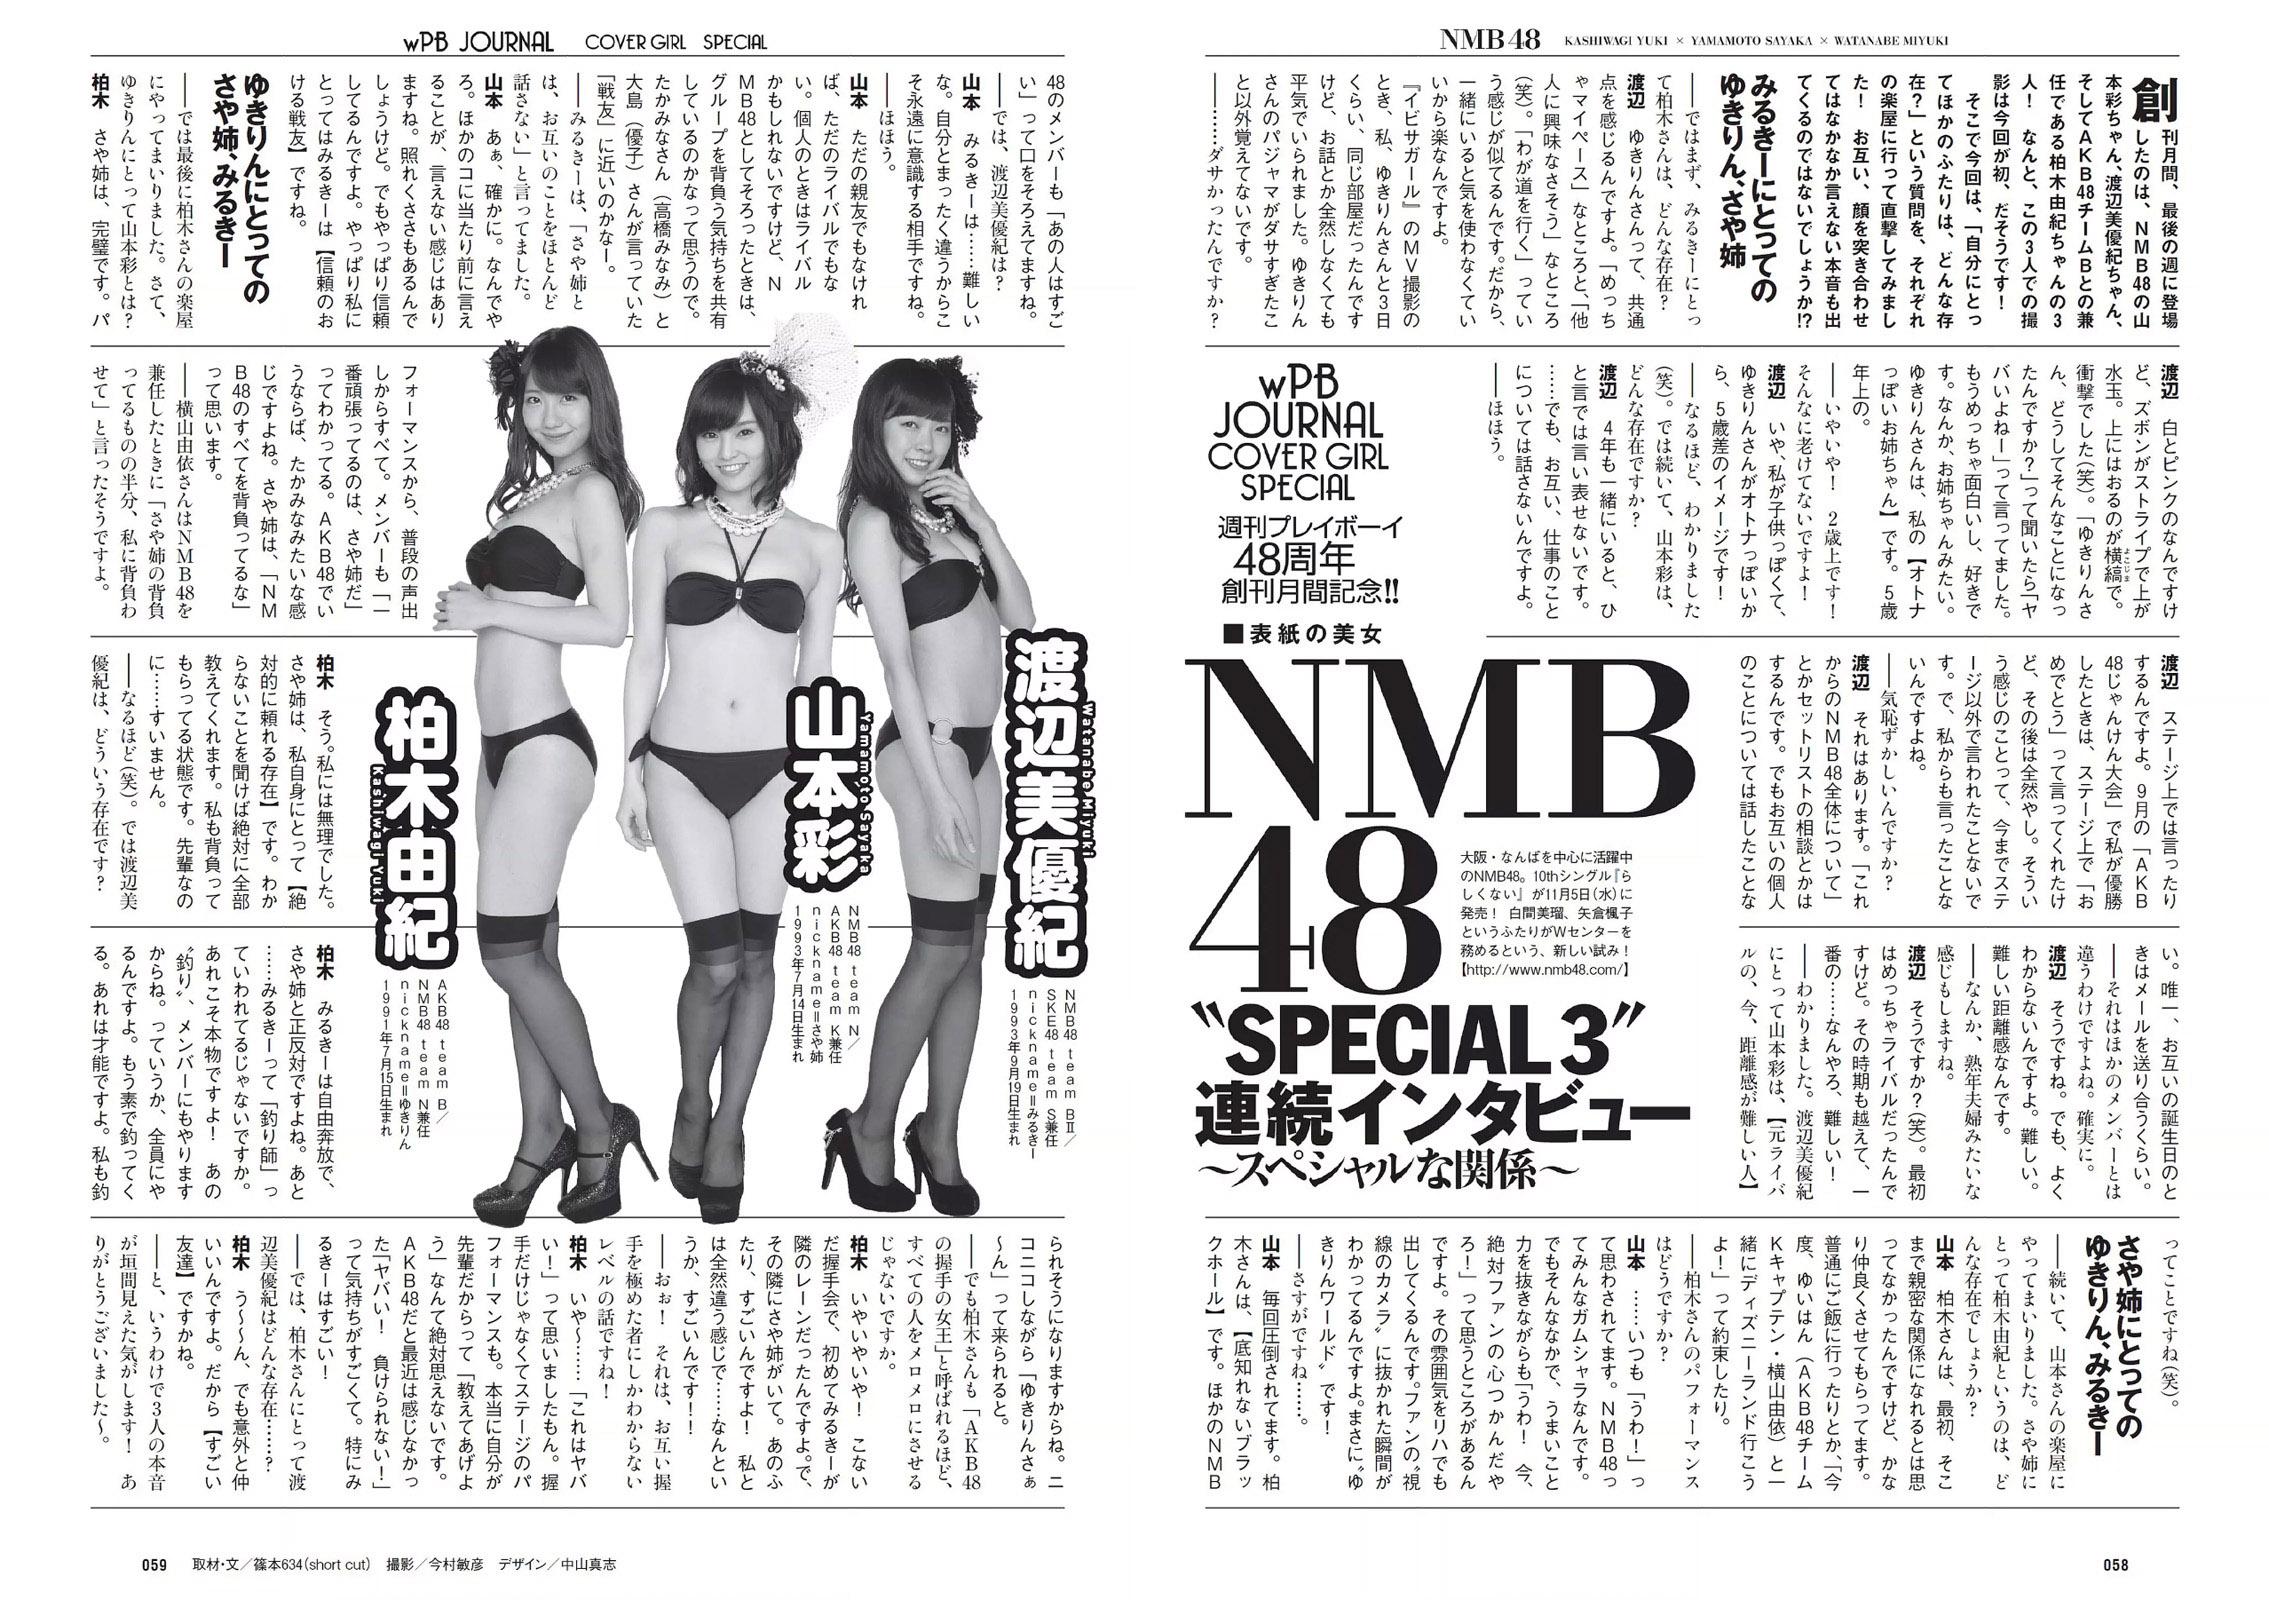 YKashiwagi SYamamoto MiWatanabe WPB 141110 09.jpg